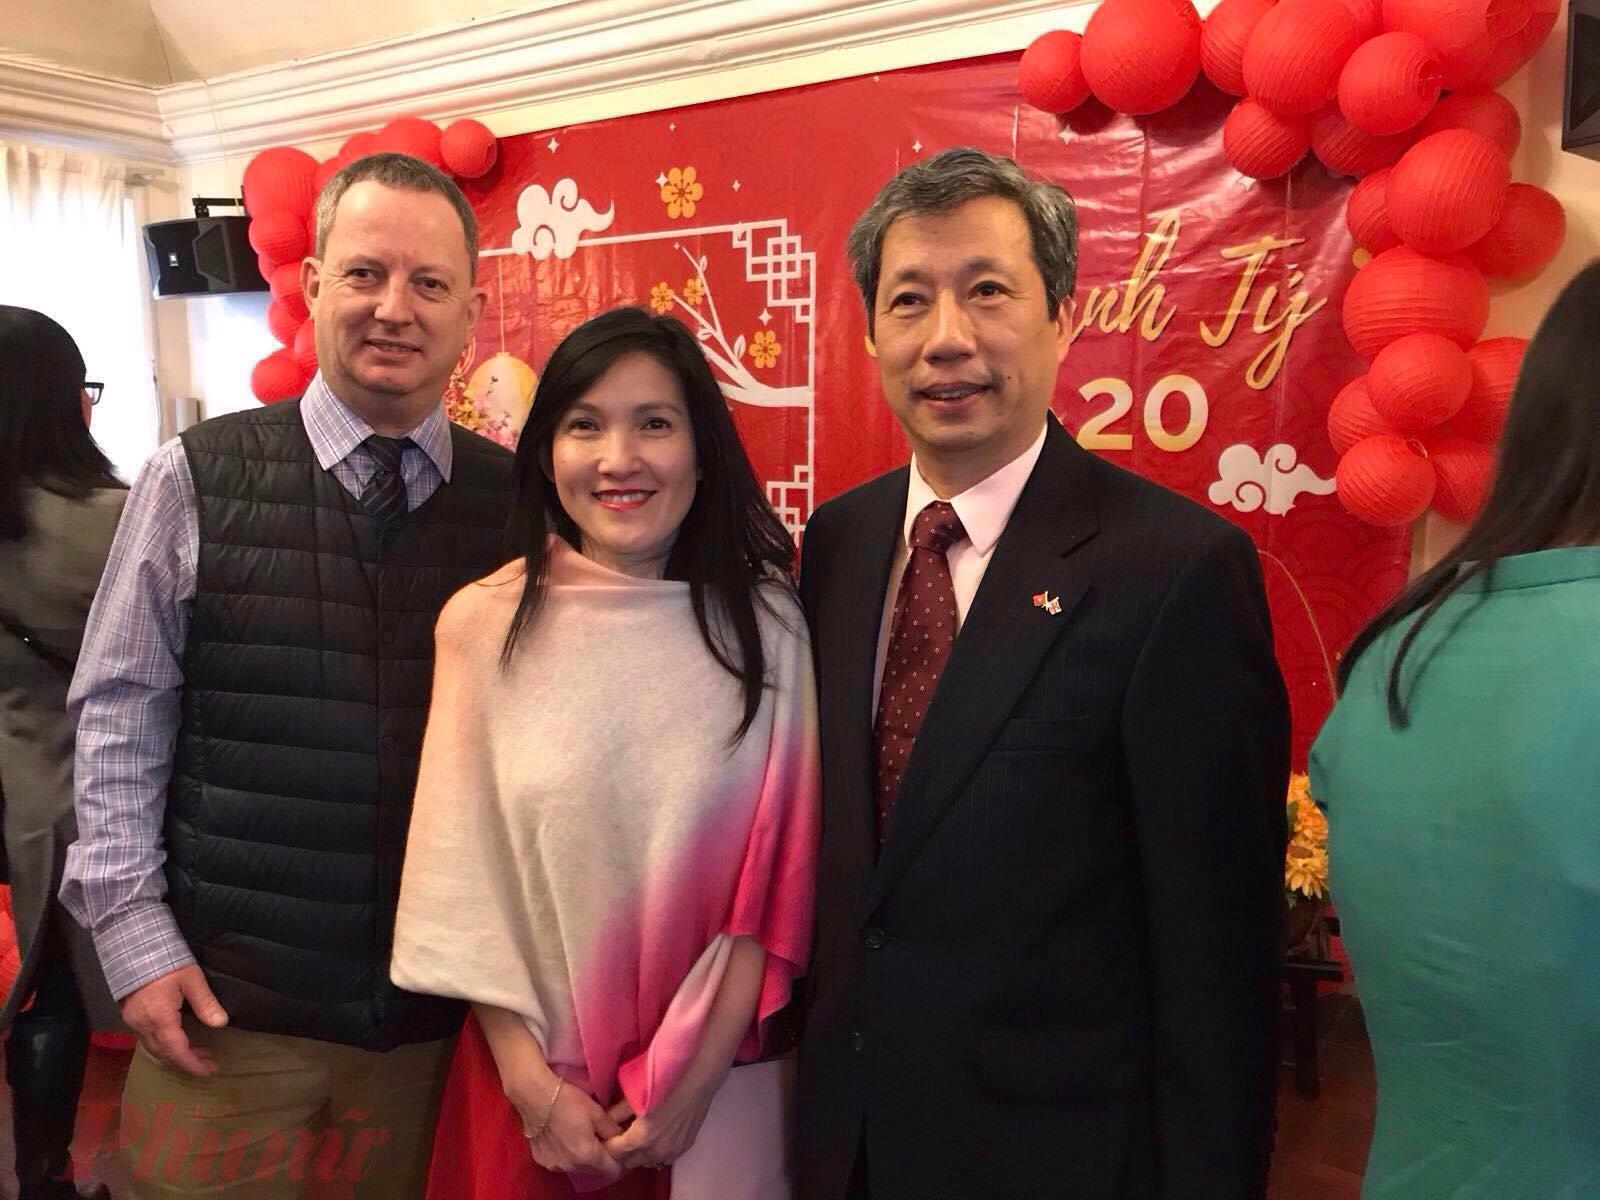 Đại sứ Trần Ngọc An (bìa phải) luôn vui vẻ, ân cần với mọi người